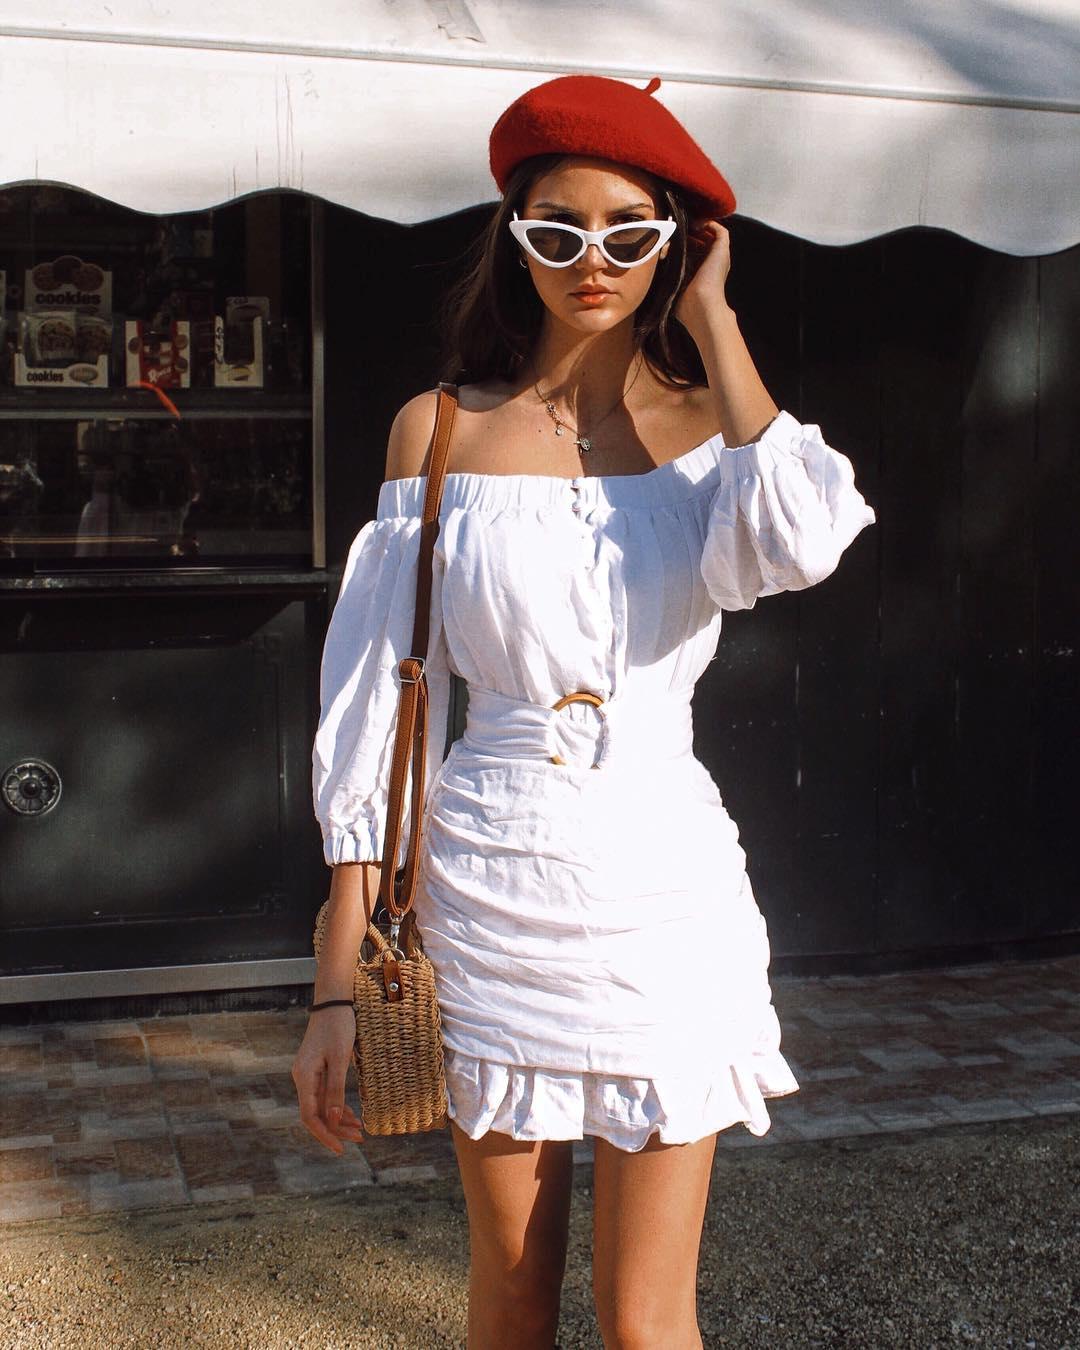 Phụ kiện thời trang cung xử nữ - Cô gái mặc váy trắng, đội mũ nồi đỏ, đeo kính mắt mèo